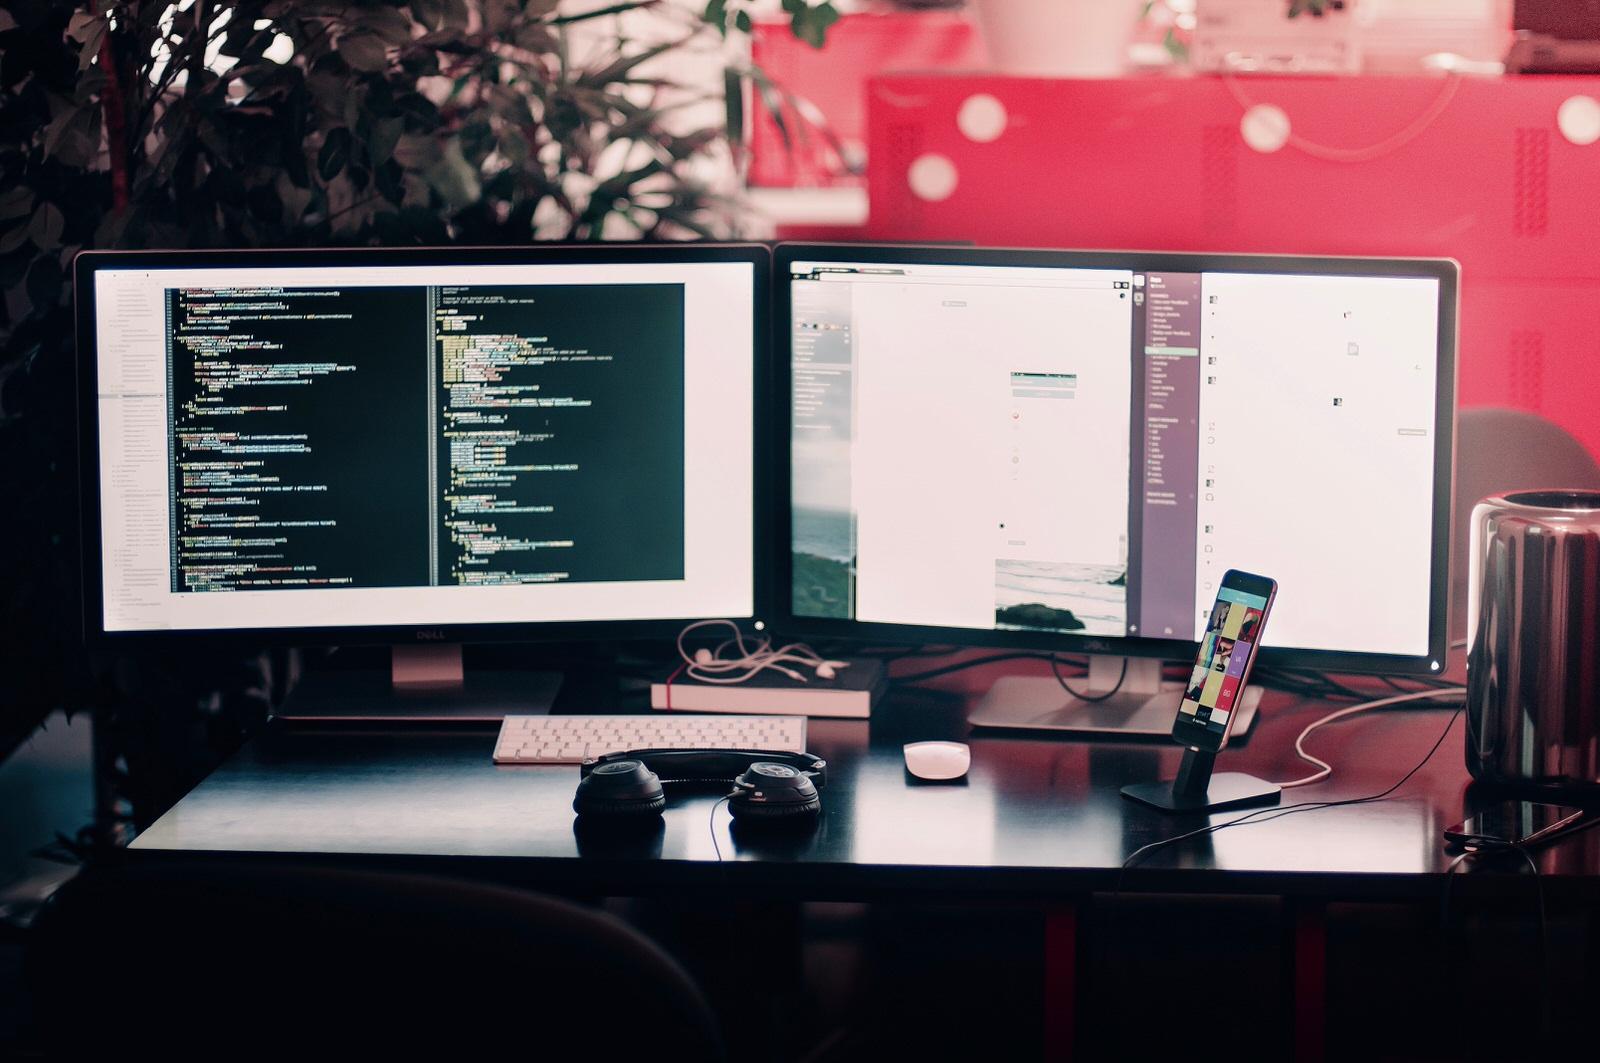 e catalog software extends brand